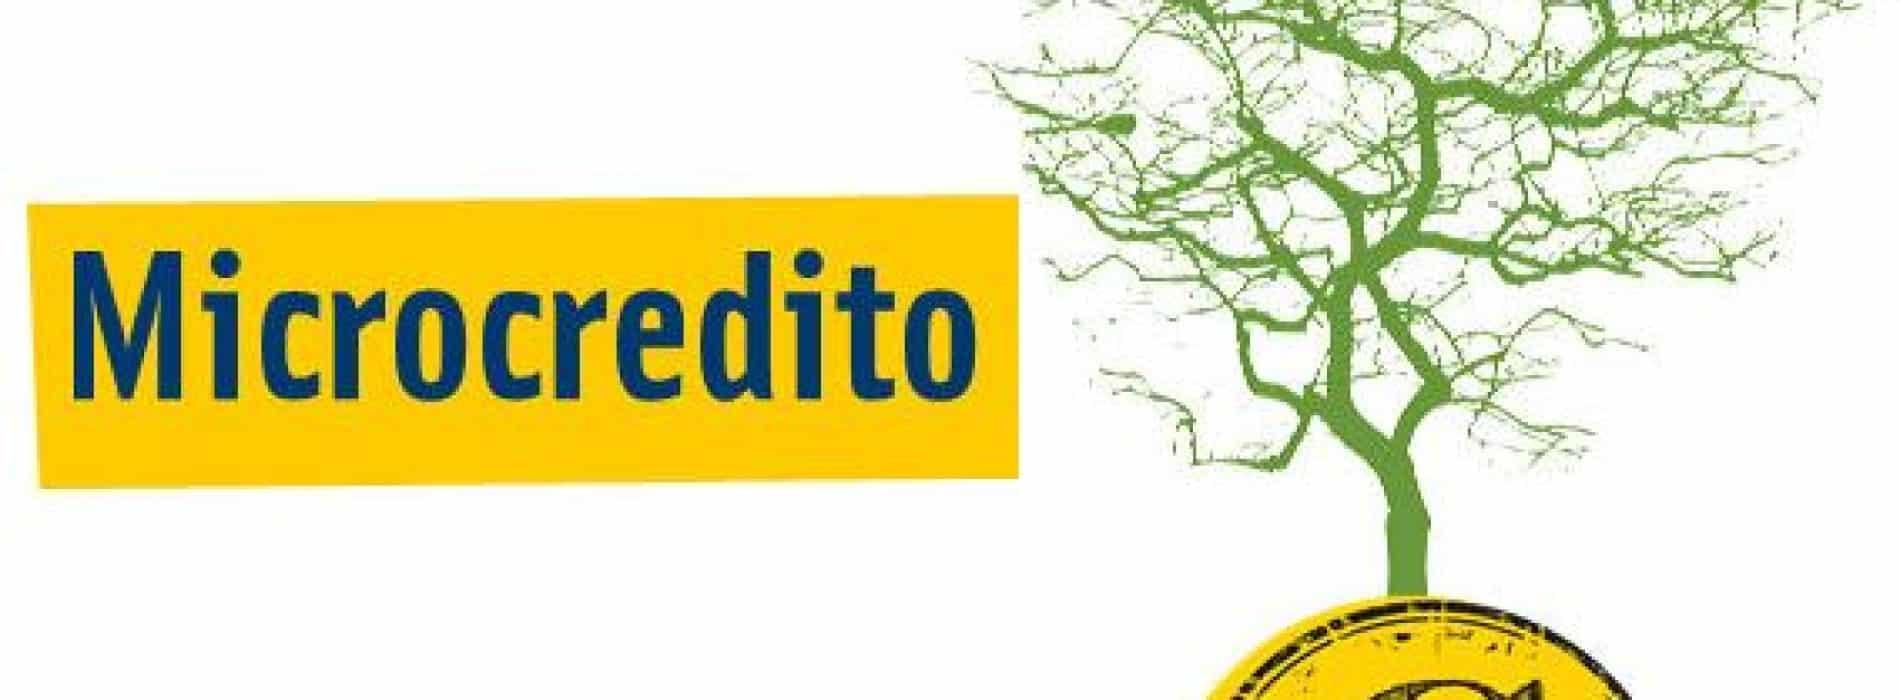 Gianluca Gentile microcredito per imprese e privati 24 Gennaio 2020